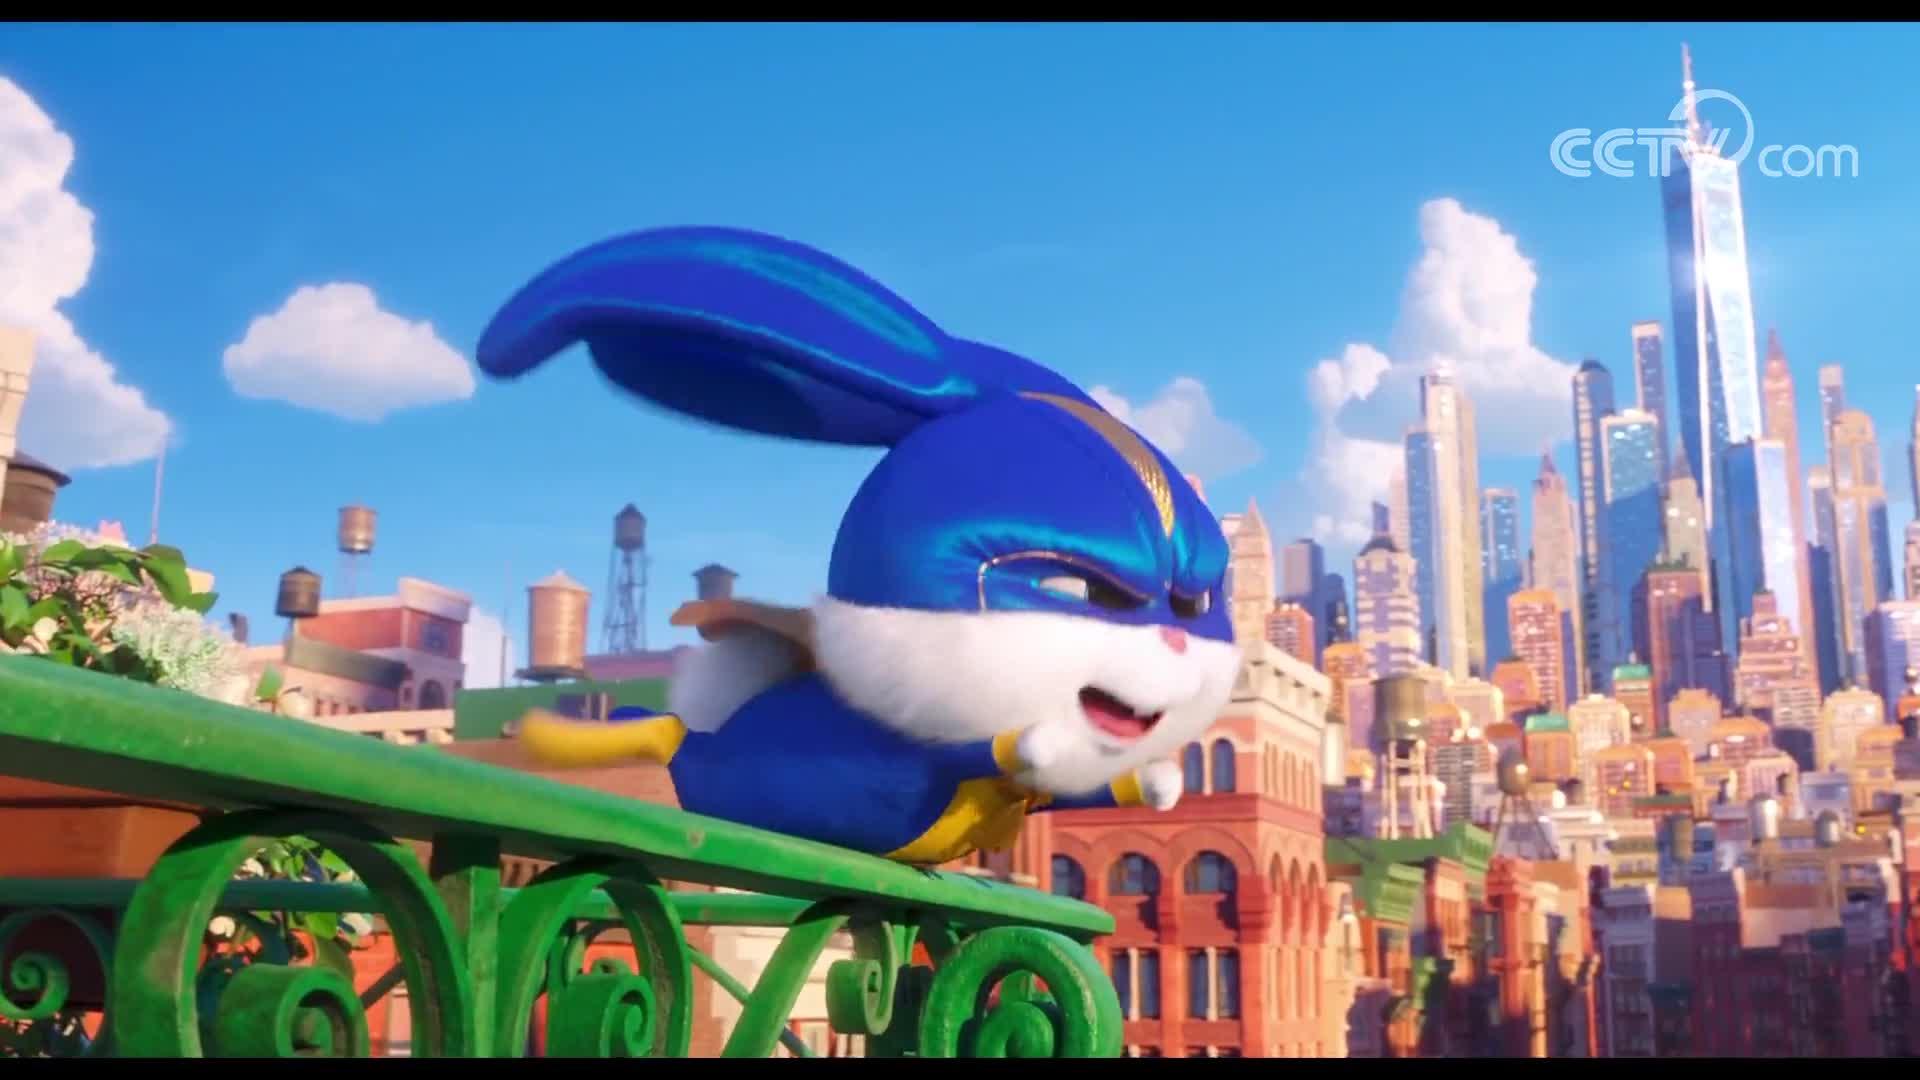 """[视频]《爱宠大机密2》获小白回归 变身超级英雄再展""""兔老大""""风采"""